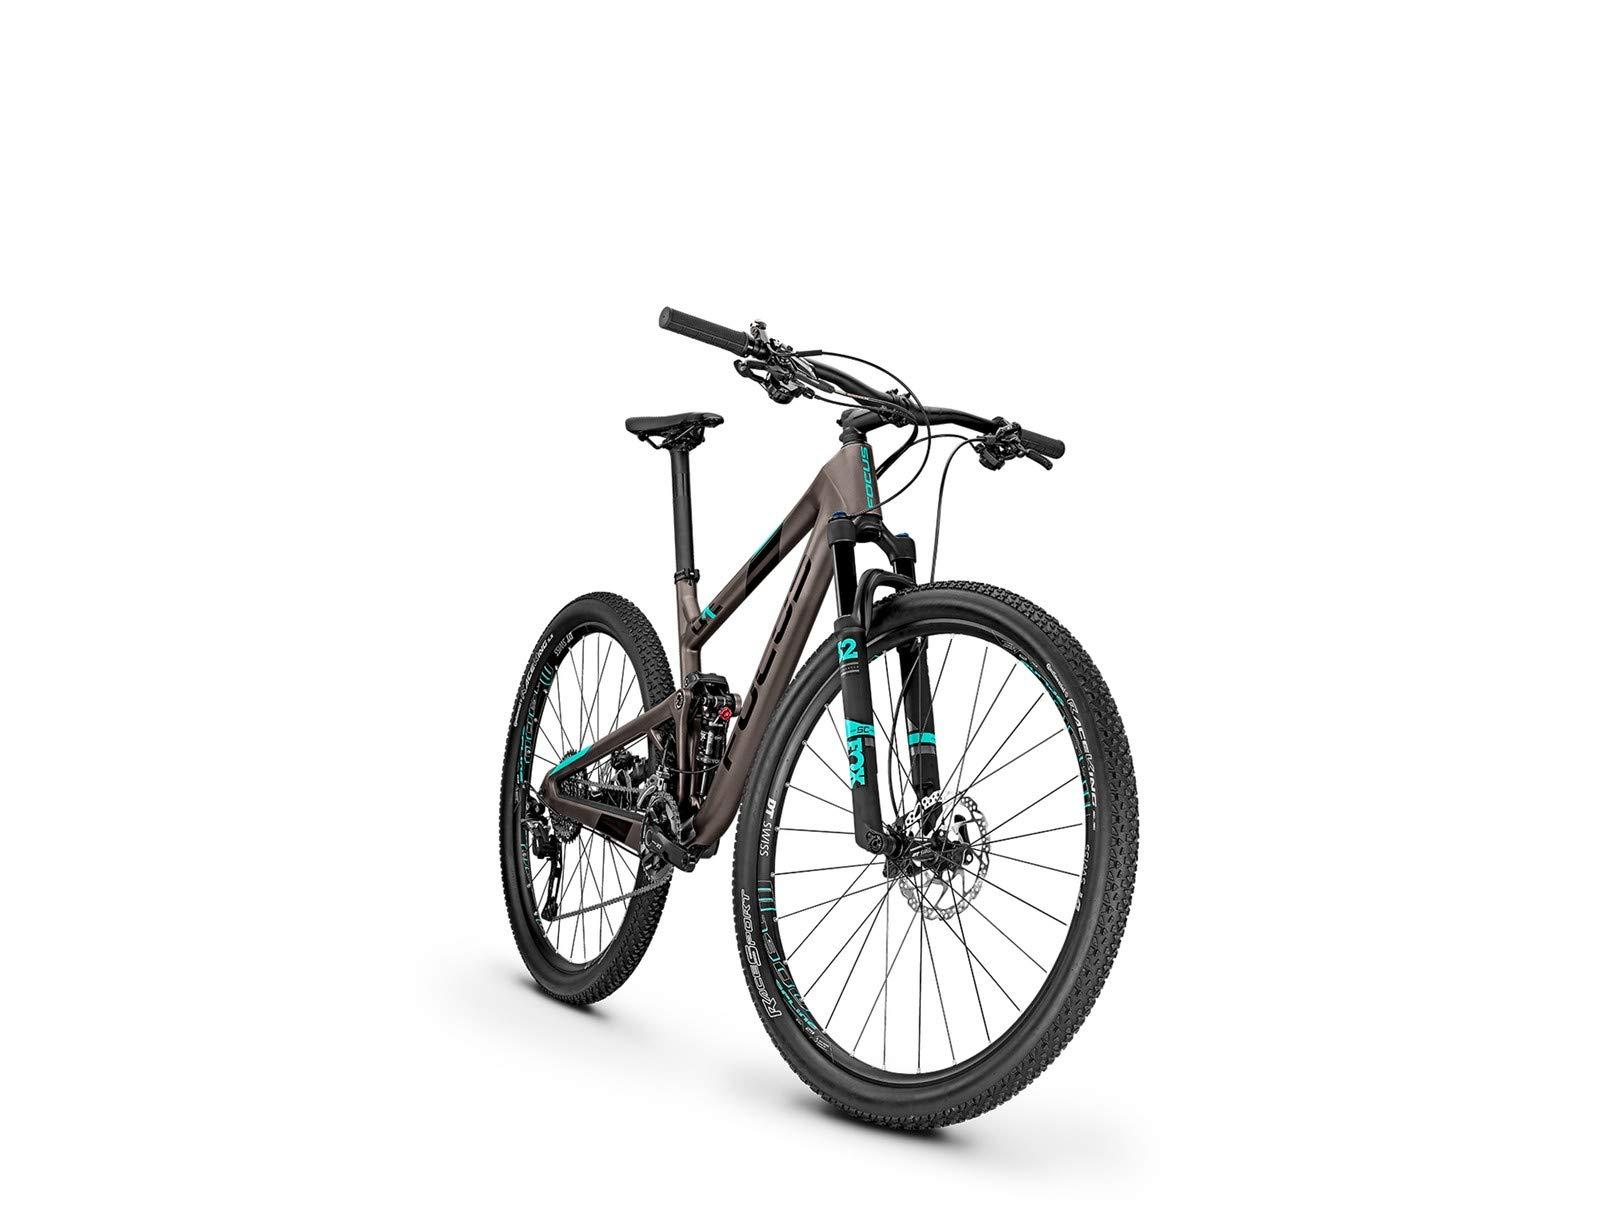 Focus O1E SL 29 Mountain Bike titanio opaco/aquablue